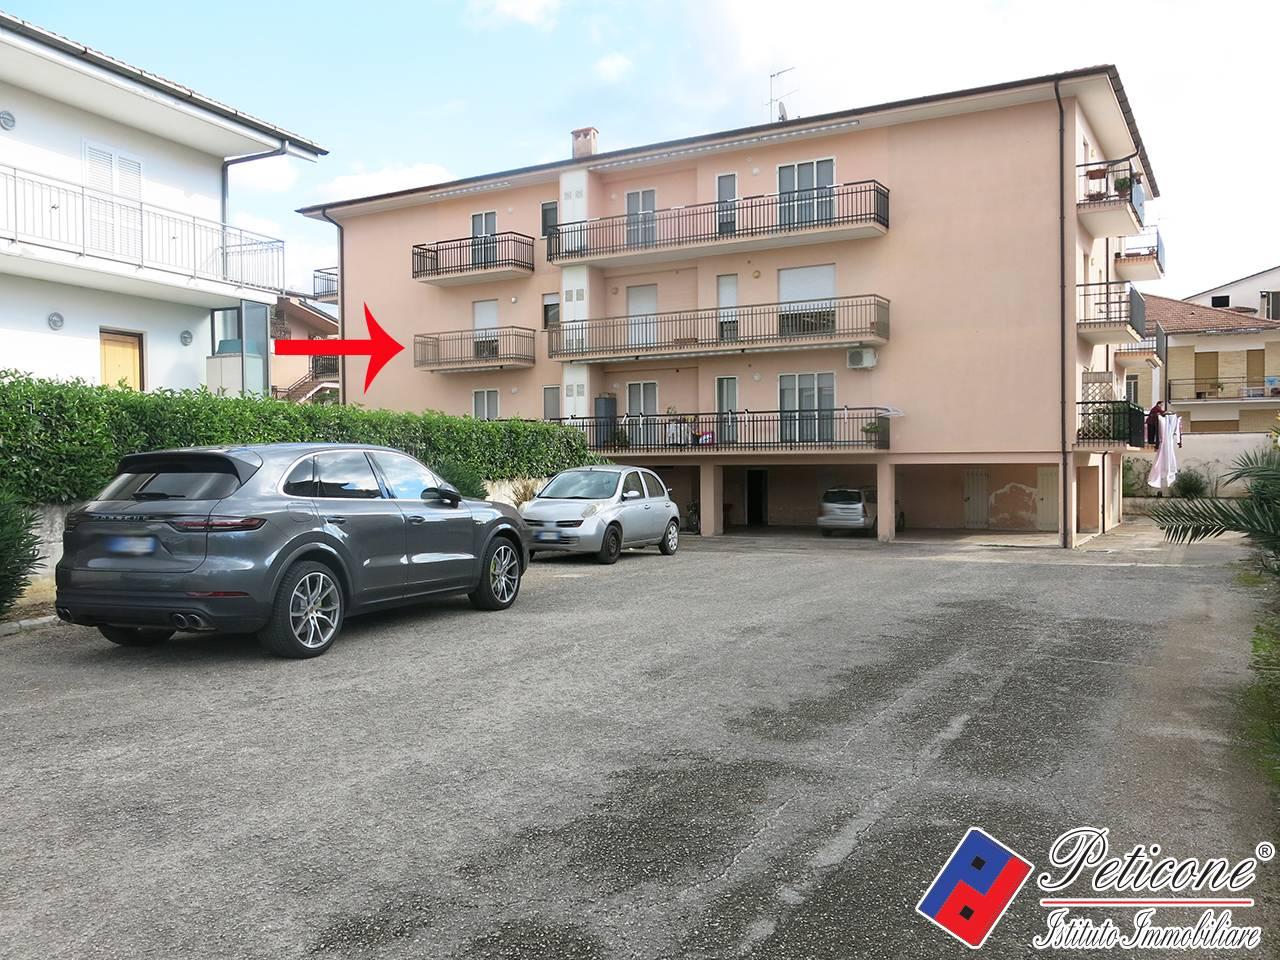 Appartamento in vendita a Fondi, 4 locali, zona Località: Centro, prezzo € 160.000   CambioCasa.it